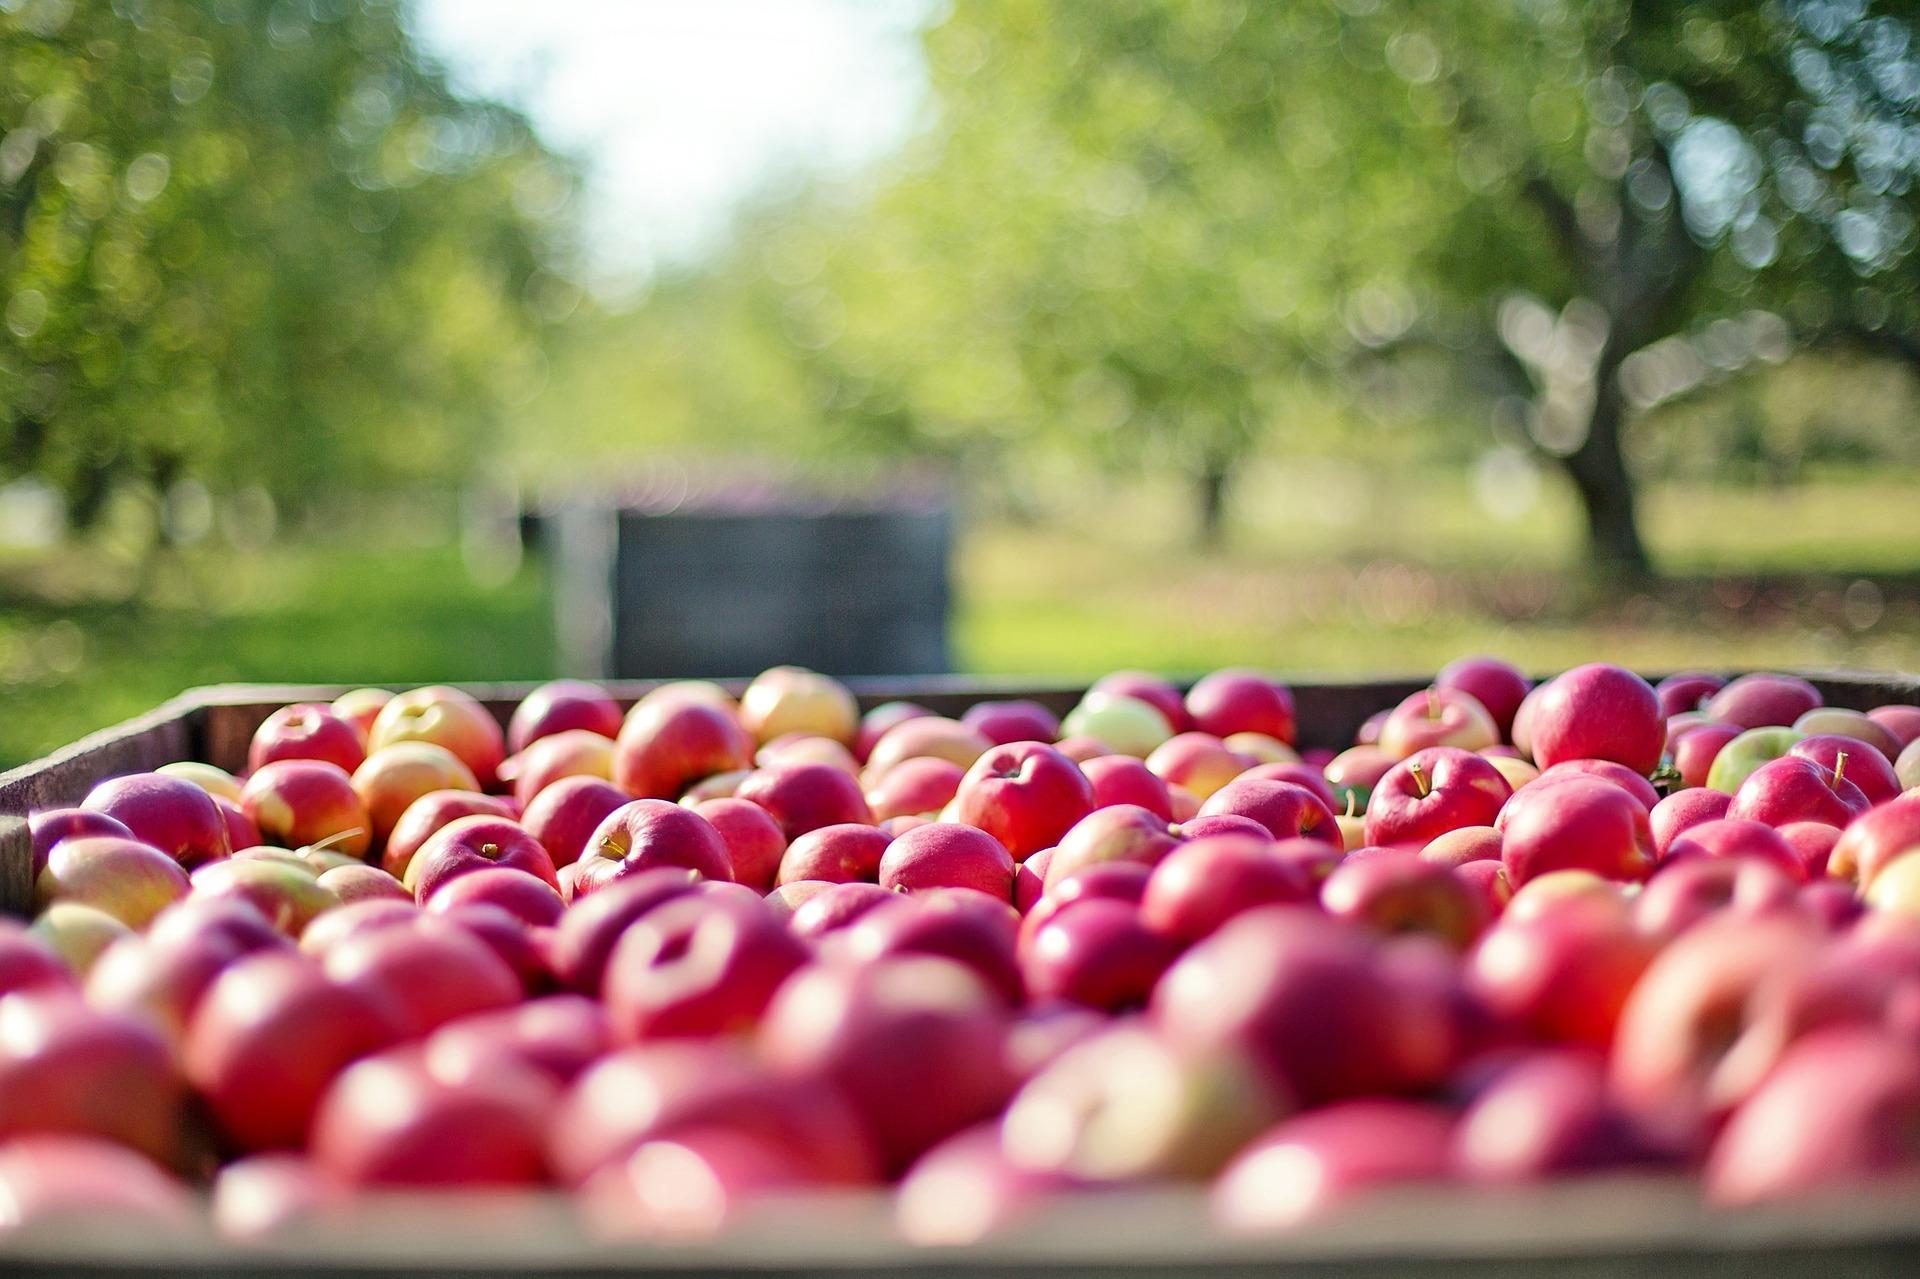 dzien jabłka